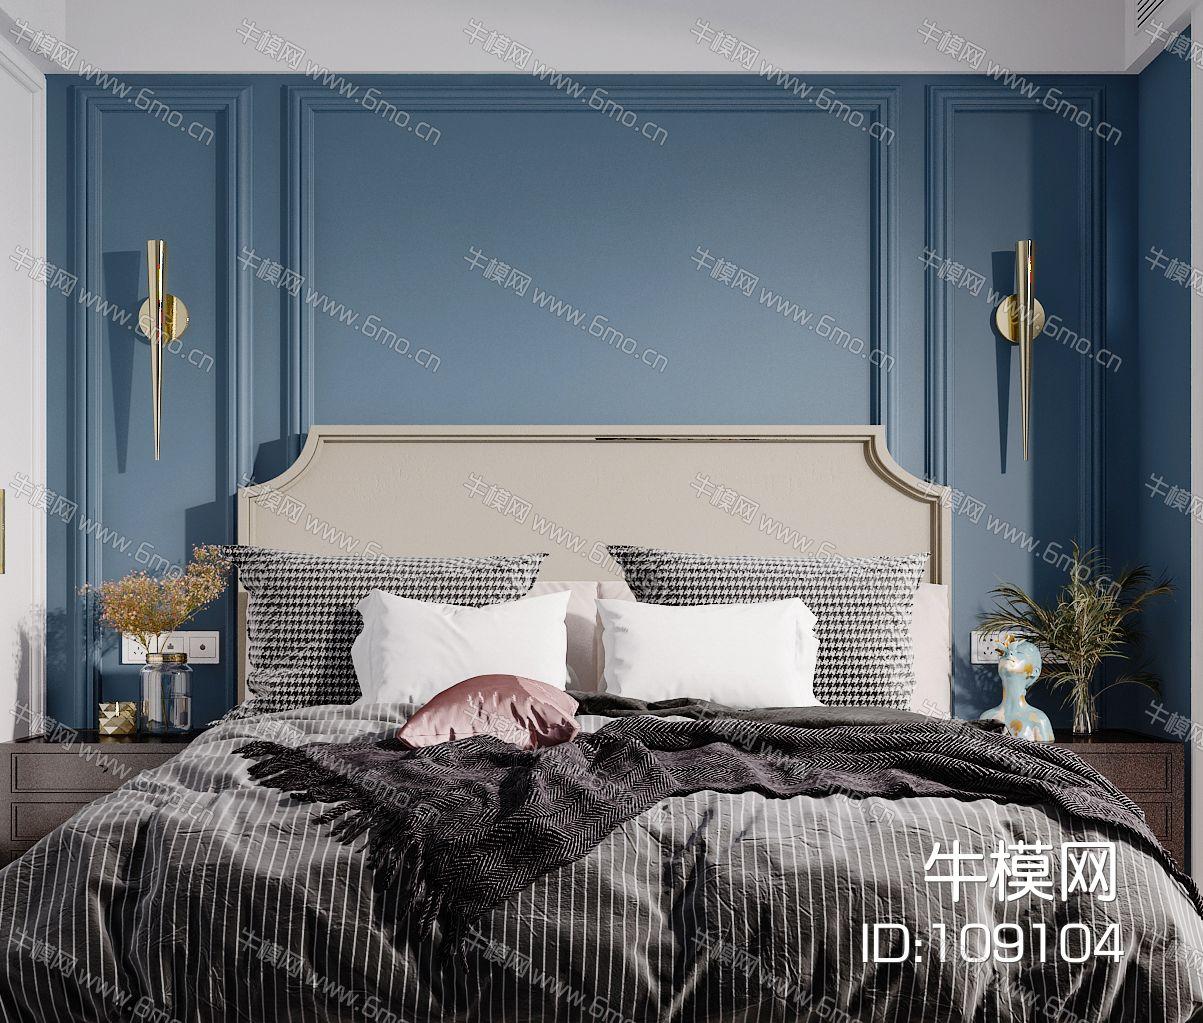 美式现代简约轻奢风格卧室